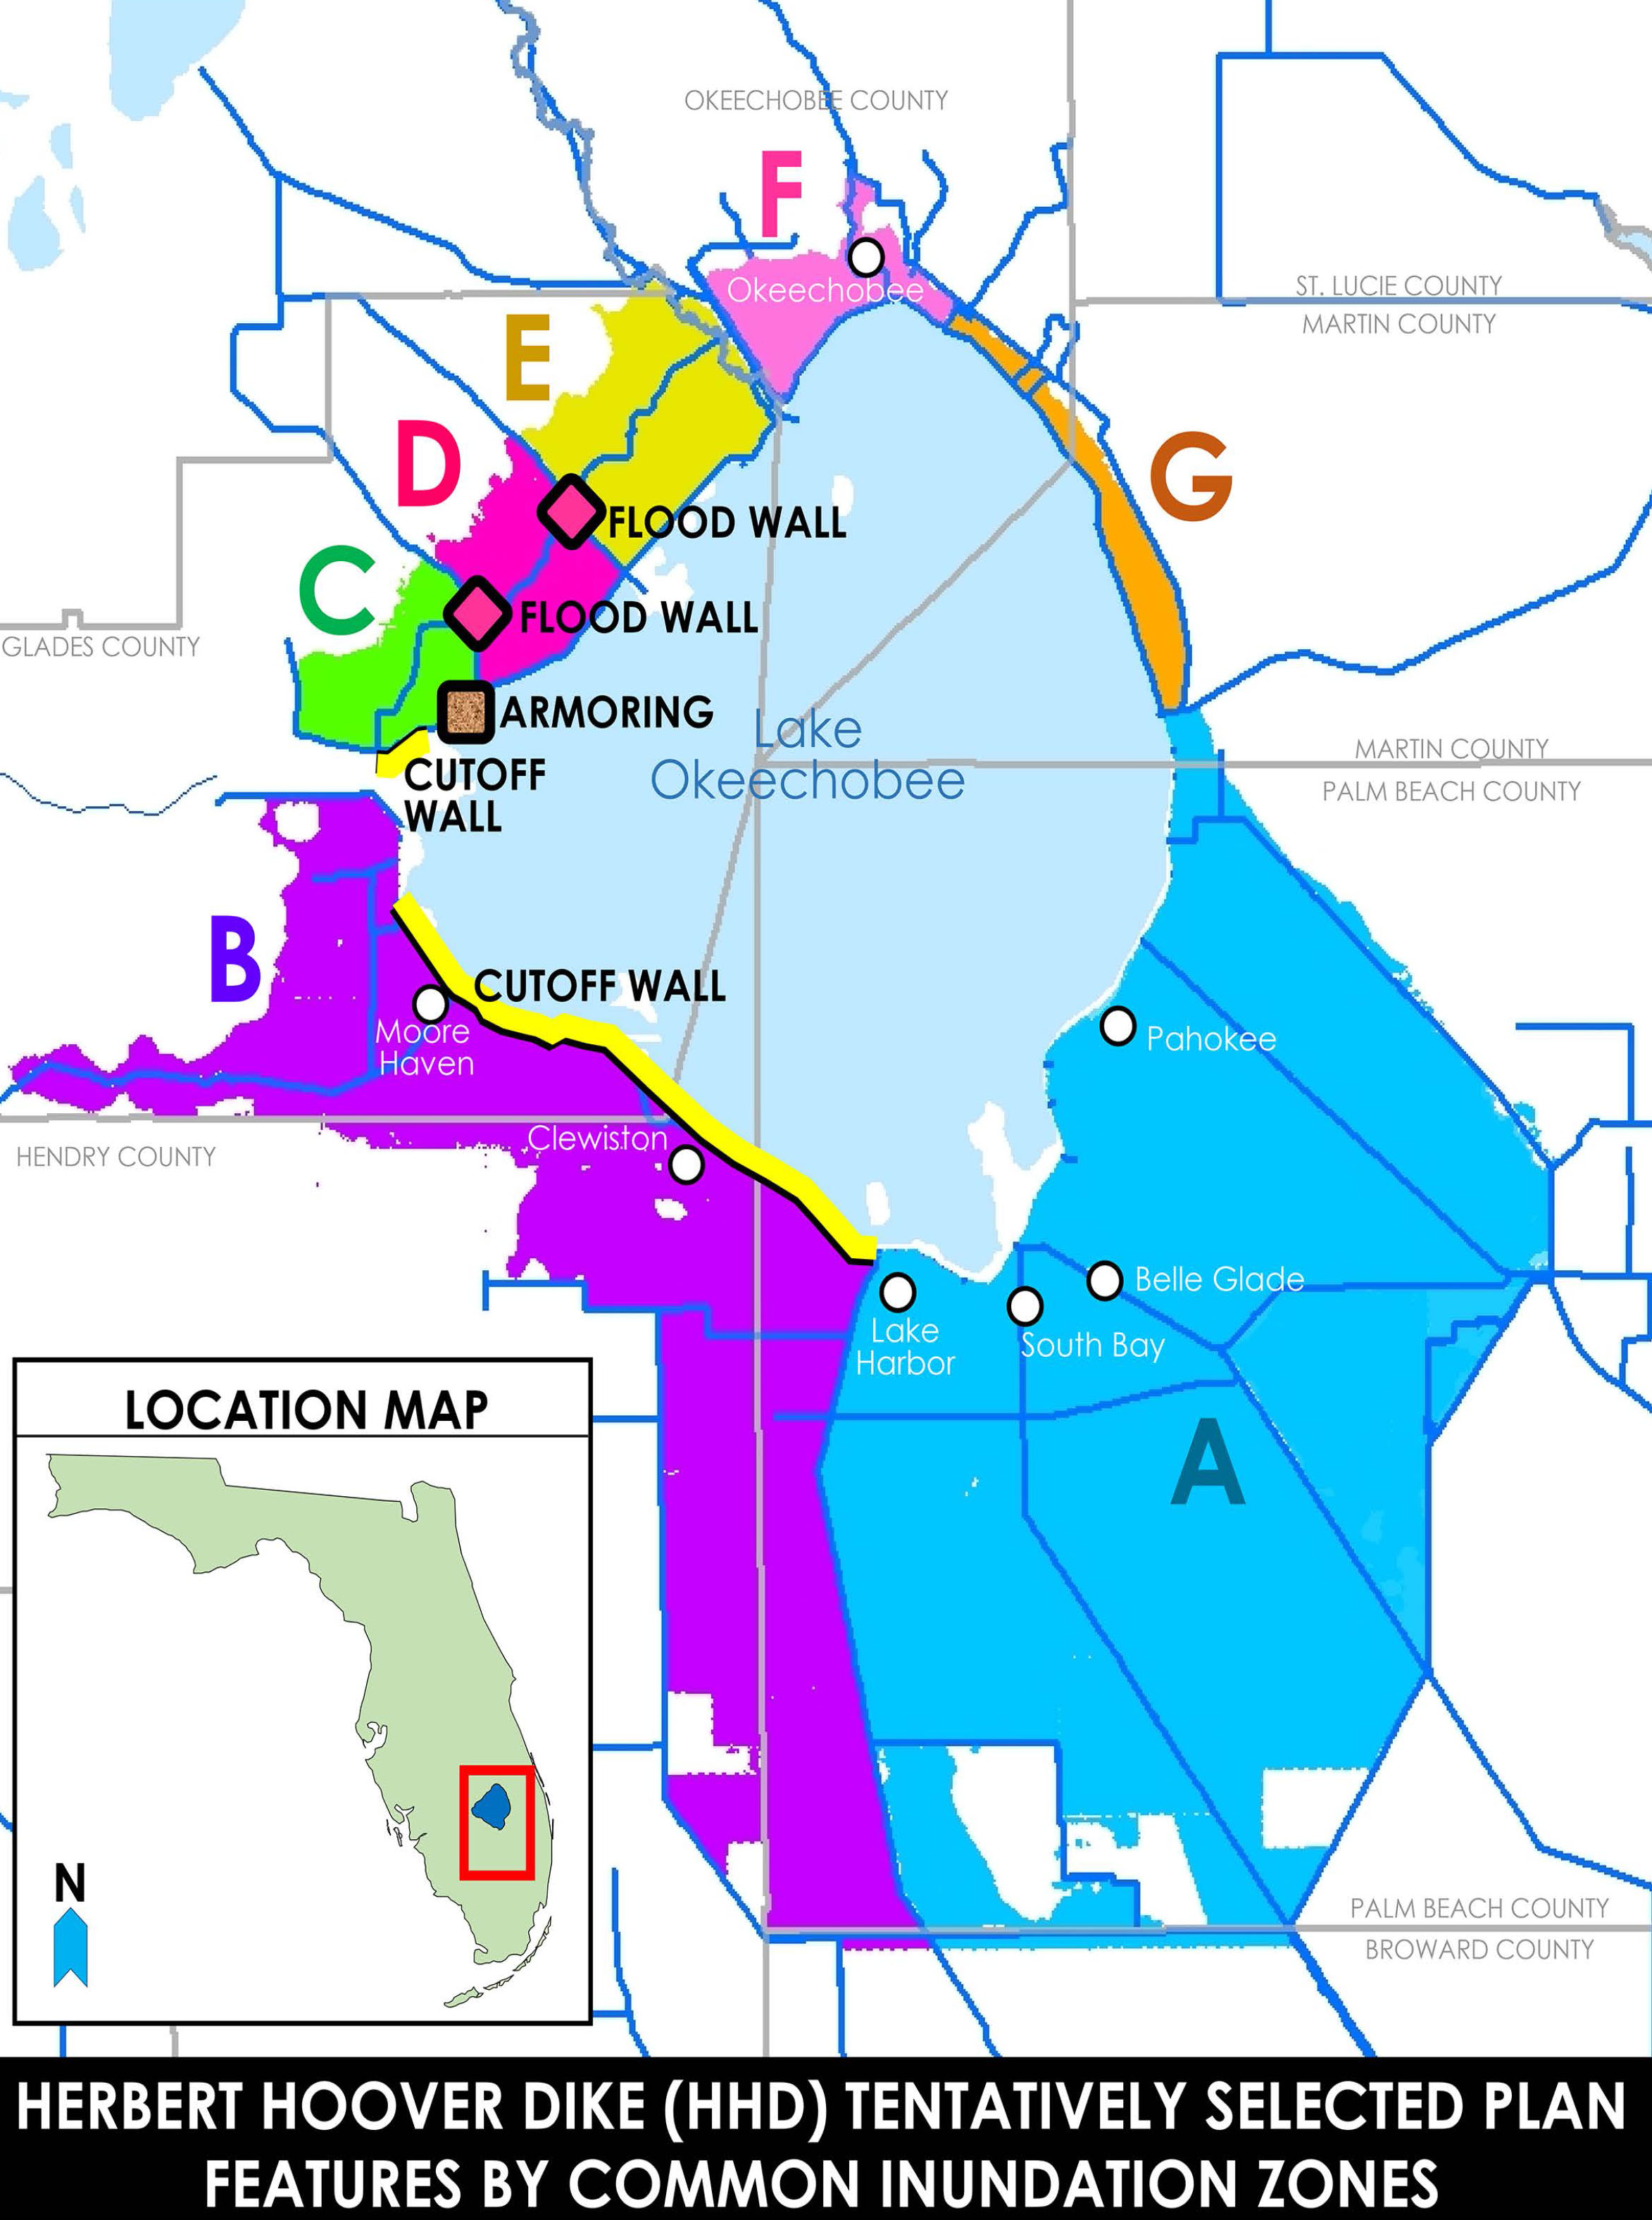 Jacksonville District Missions Civil Works Lake Okeechobee